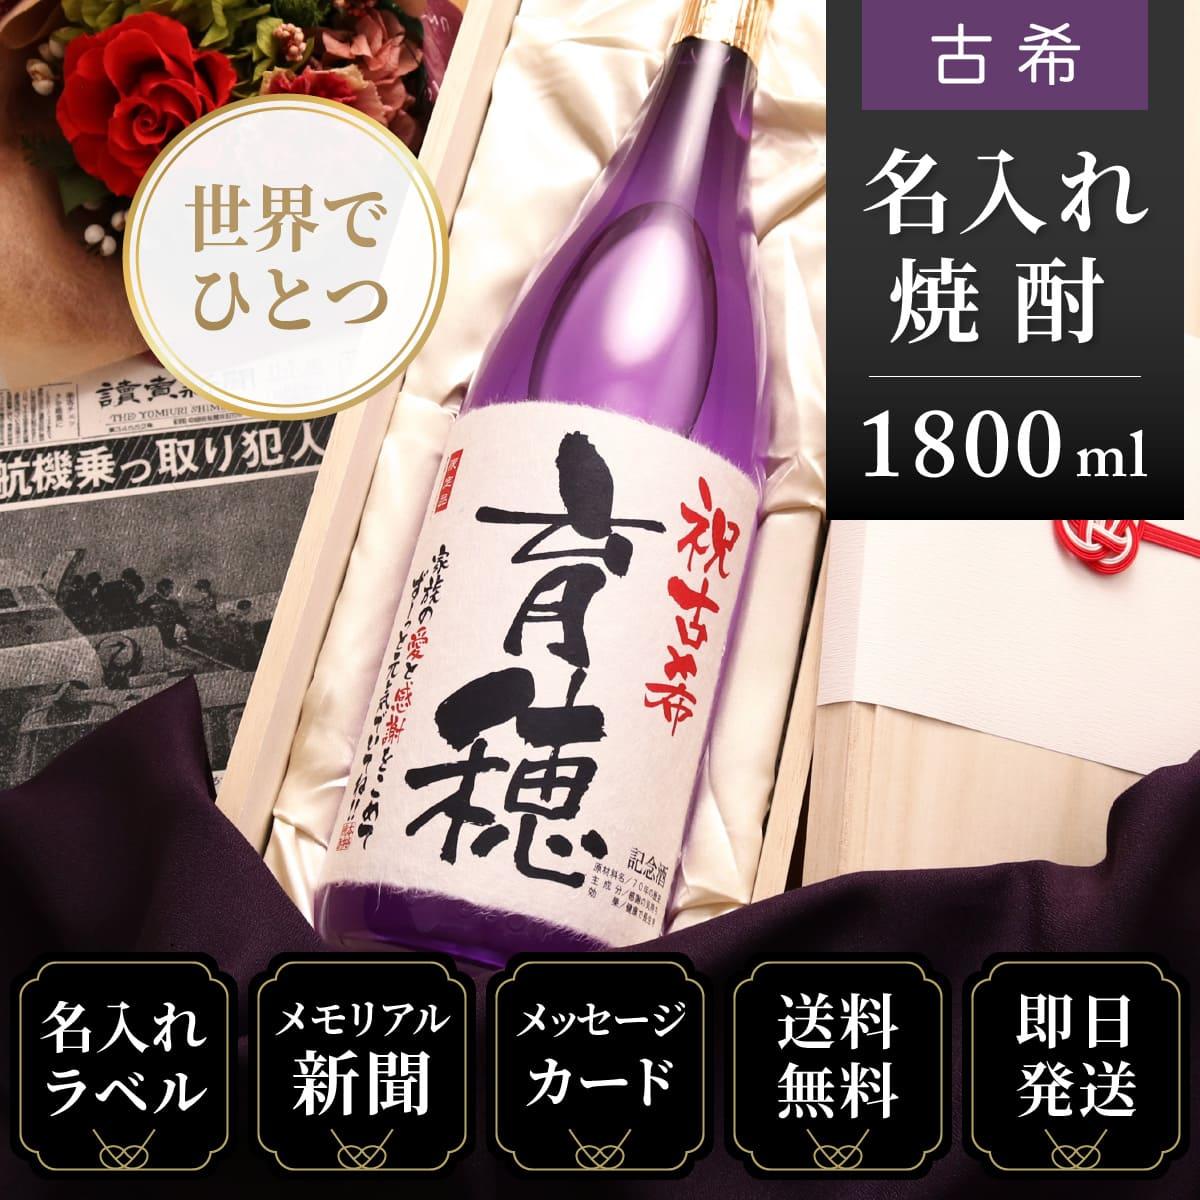 古希のお祝い、プレゼントに記念日の新聞付き「華乃菫」1800ml(酒粕焼酎)